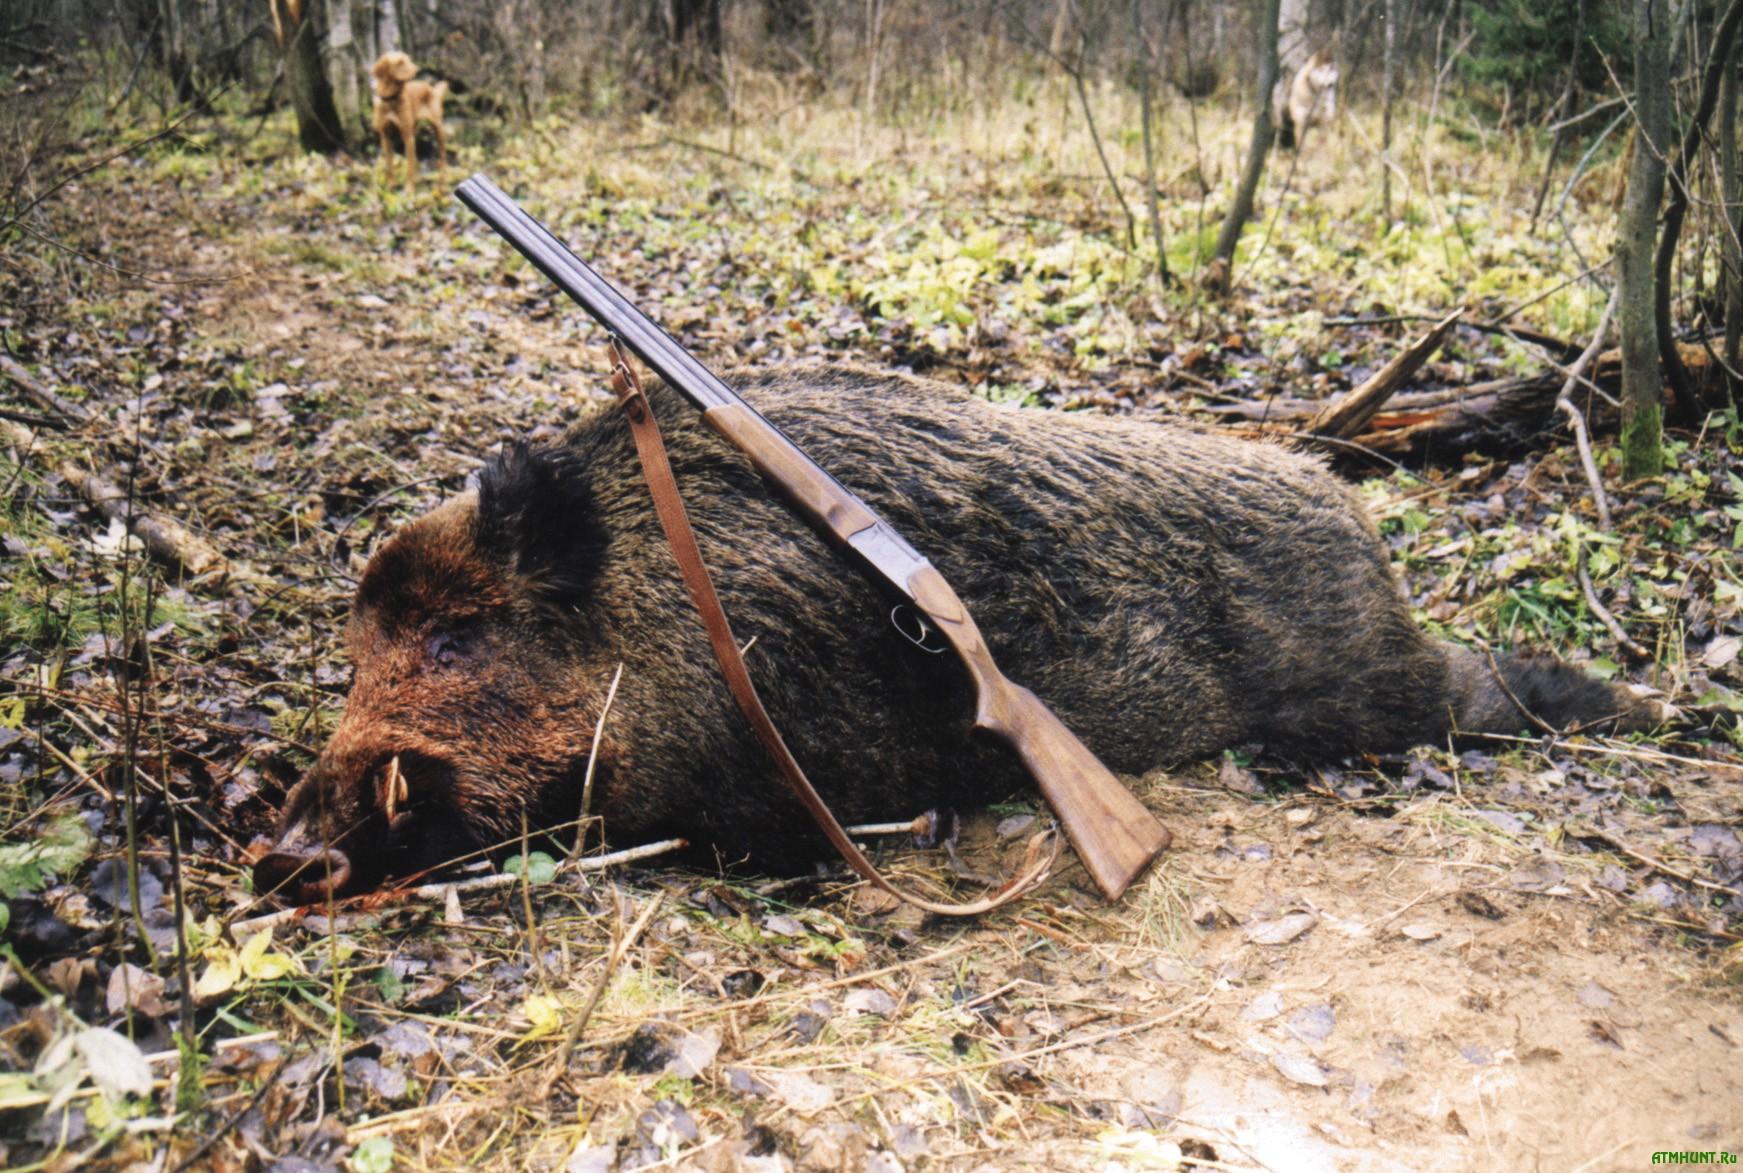 Radi ohoty na kabana brakon'ery iz Ukrainy chut' ne ubili belorusskih pogranichnikov